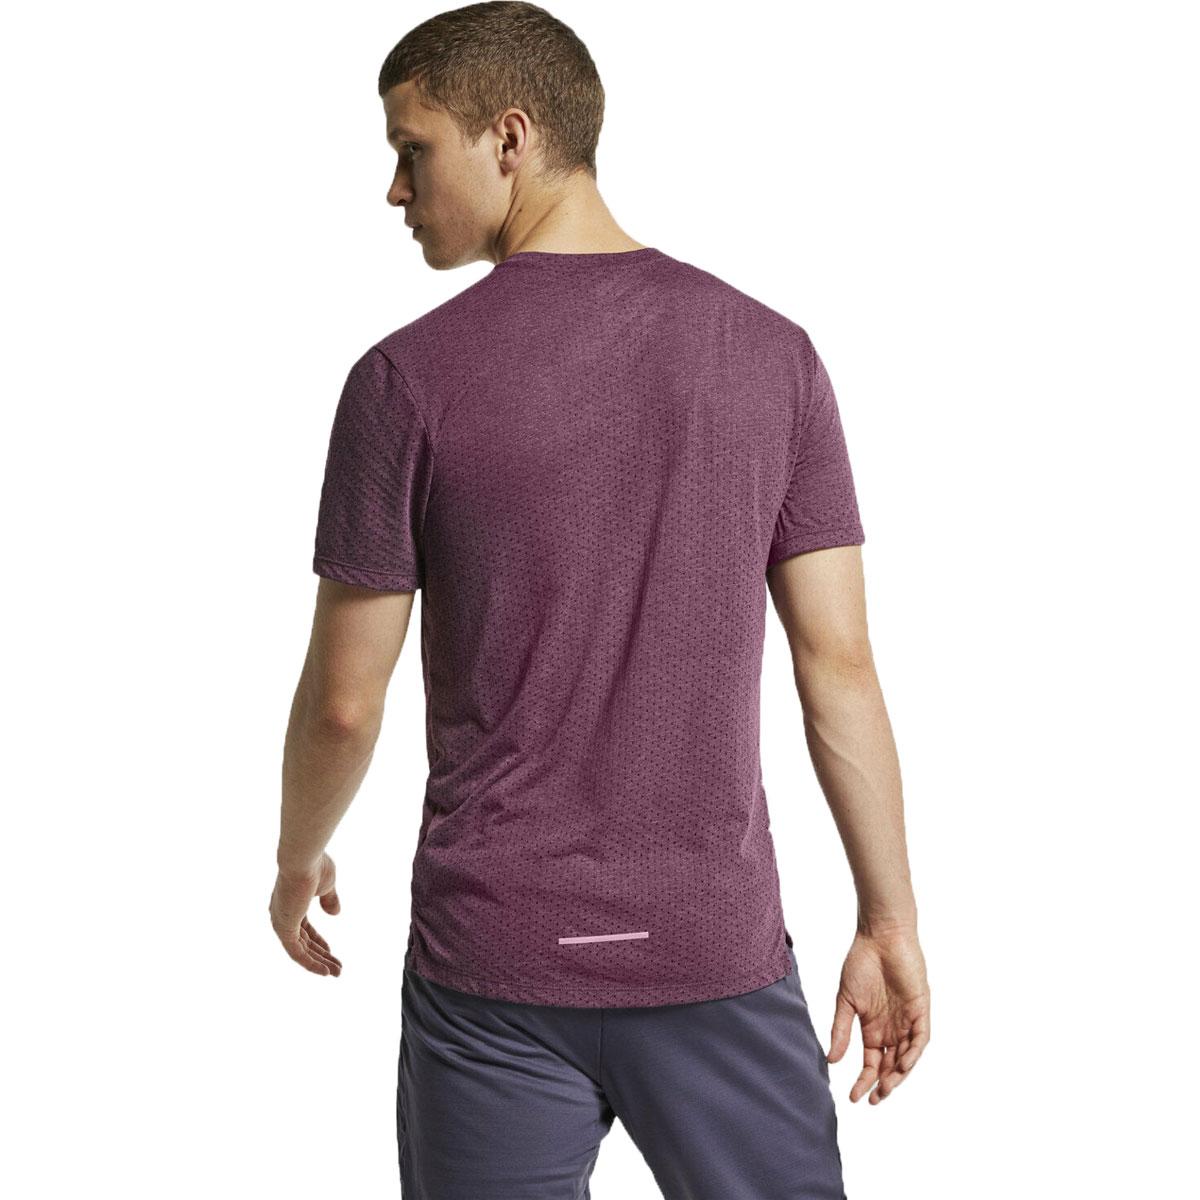 Men's Nike Breathe Rise 365 Short Sleeve  - Color: Bordeaux/Heather - Size: M, Bordeaux/Heather, large, image 2